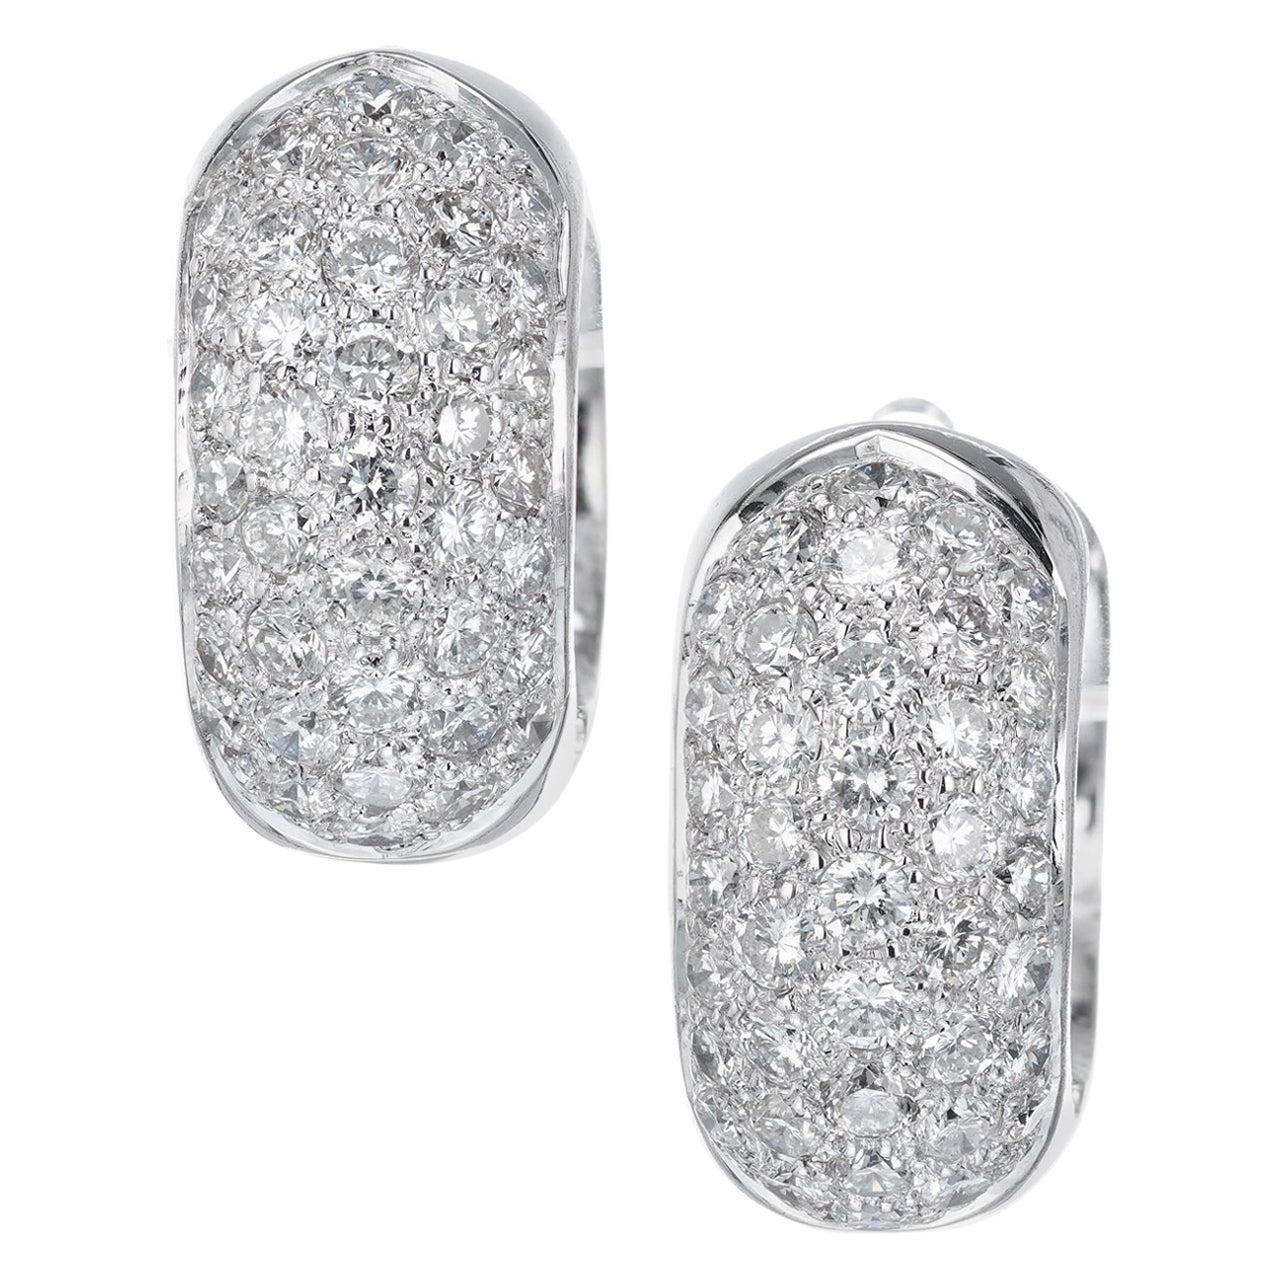 1.50 Carat Diamond Pave White Gold Huggie Hoop Earrings